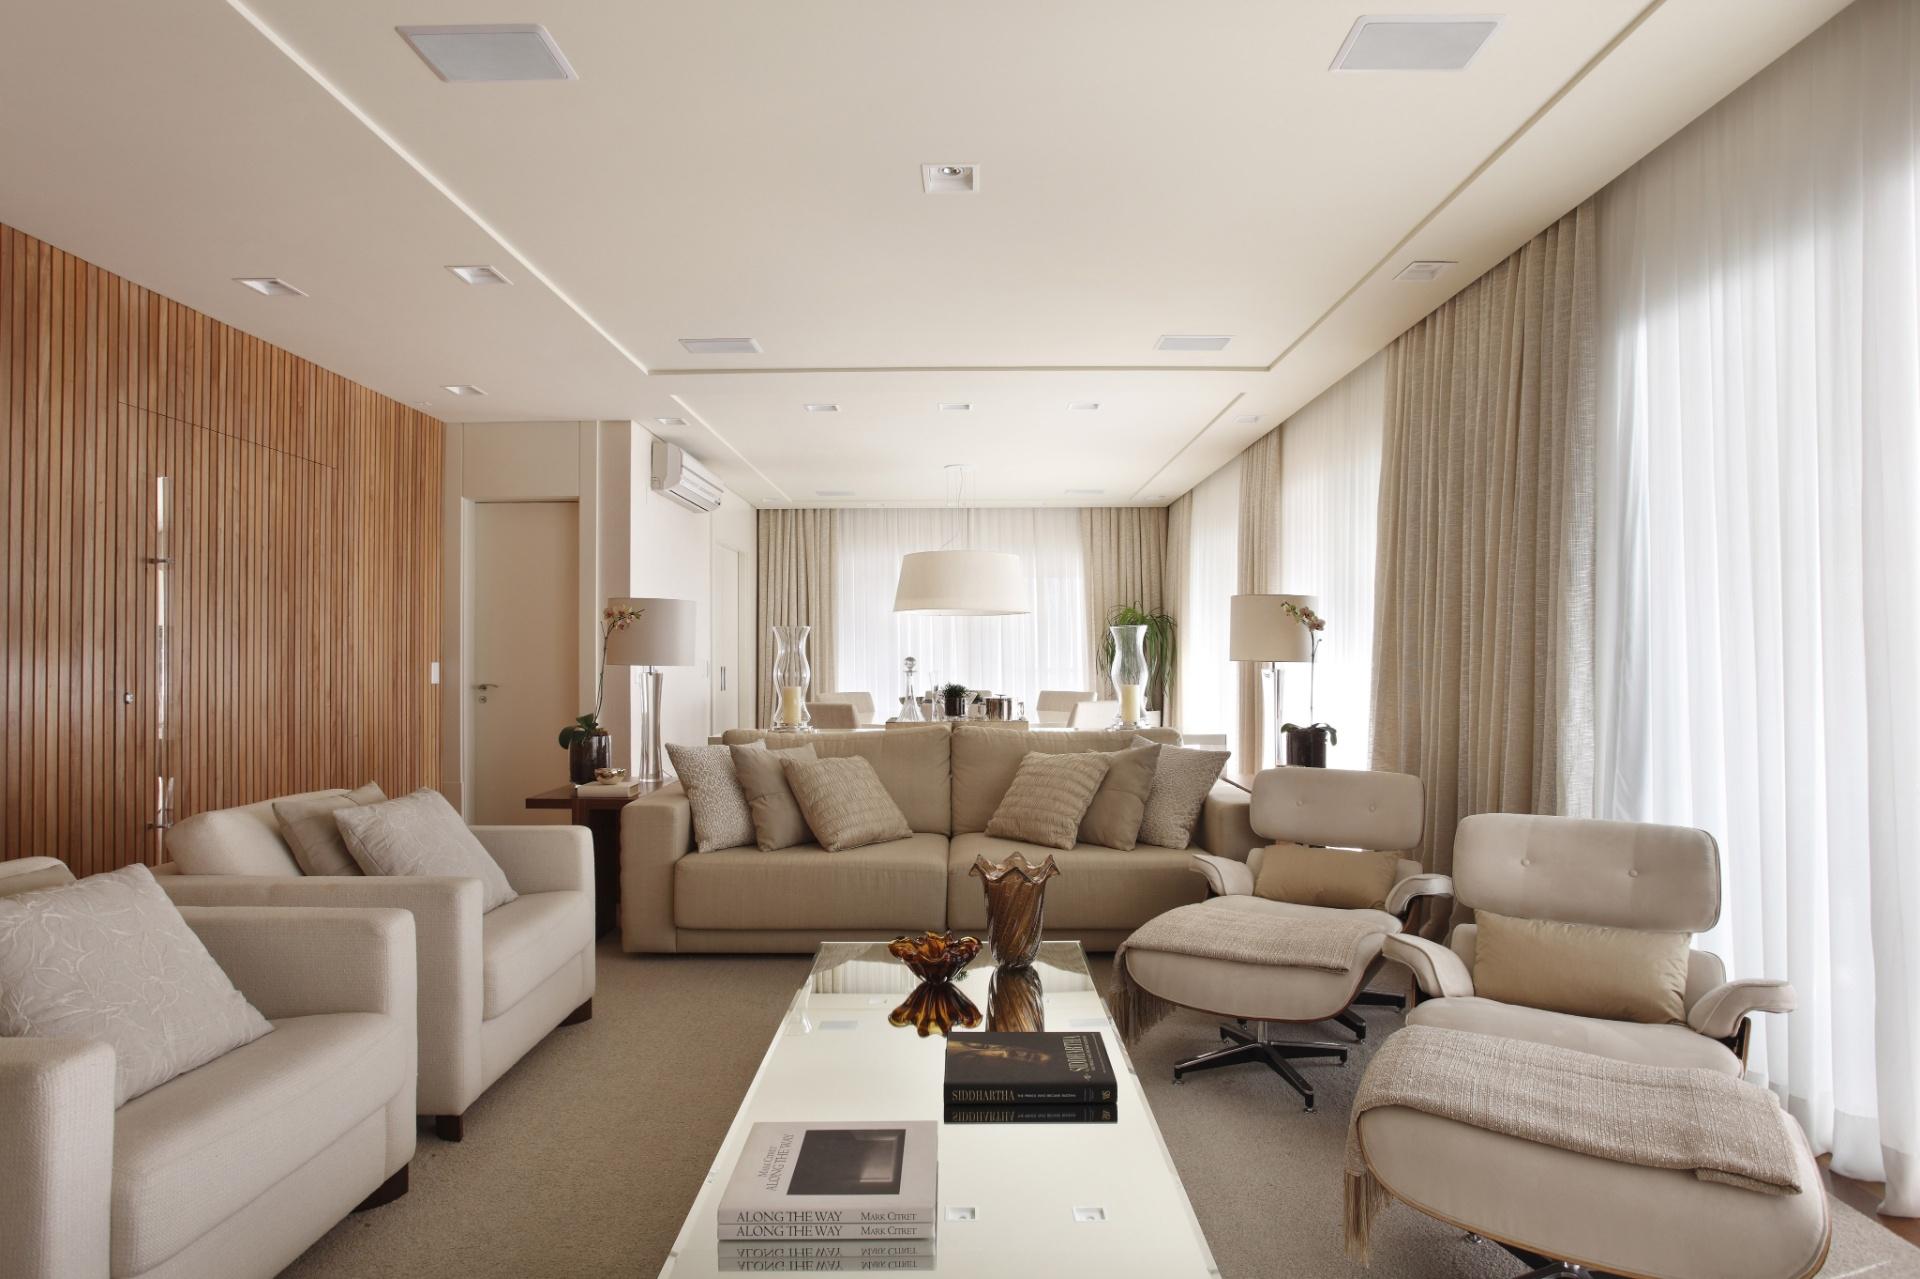 No home theater, projetado pela arquiteta Debora Aguiar, conforto total com estofados aconchegantes e práticos. Além de abrigar os usuários, o sofá também delimita o espaço e o separa da sala de jantar